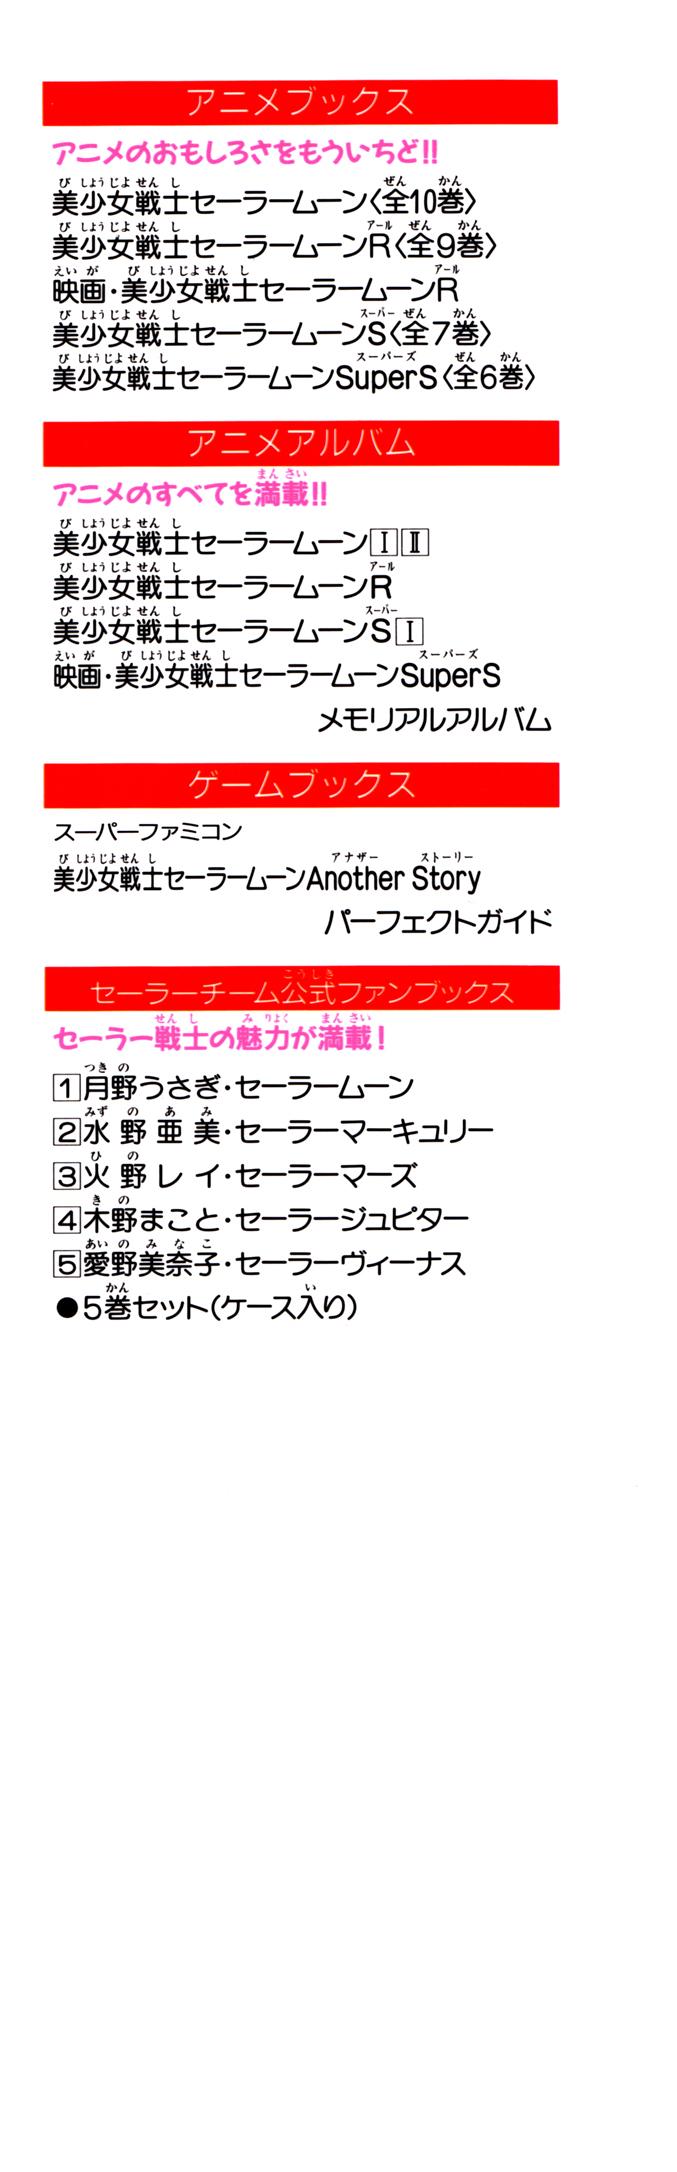 Nakayoshi_s_04